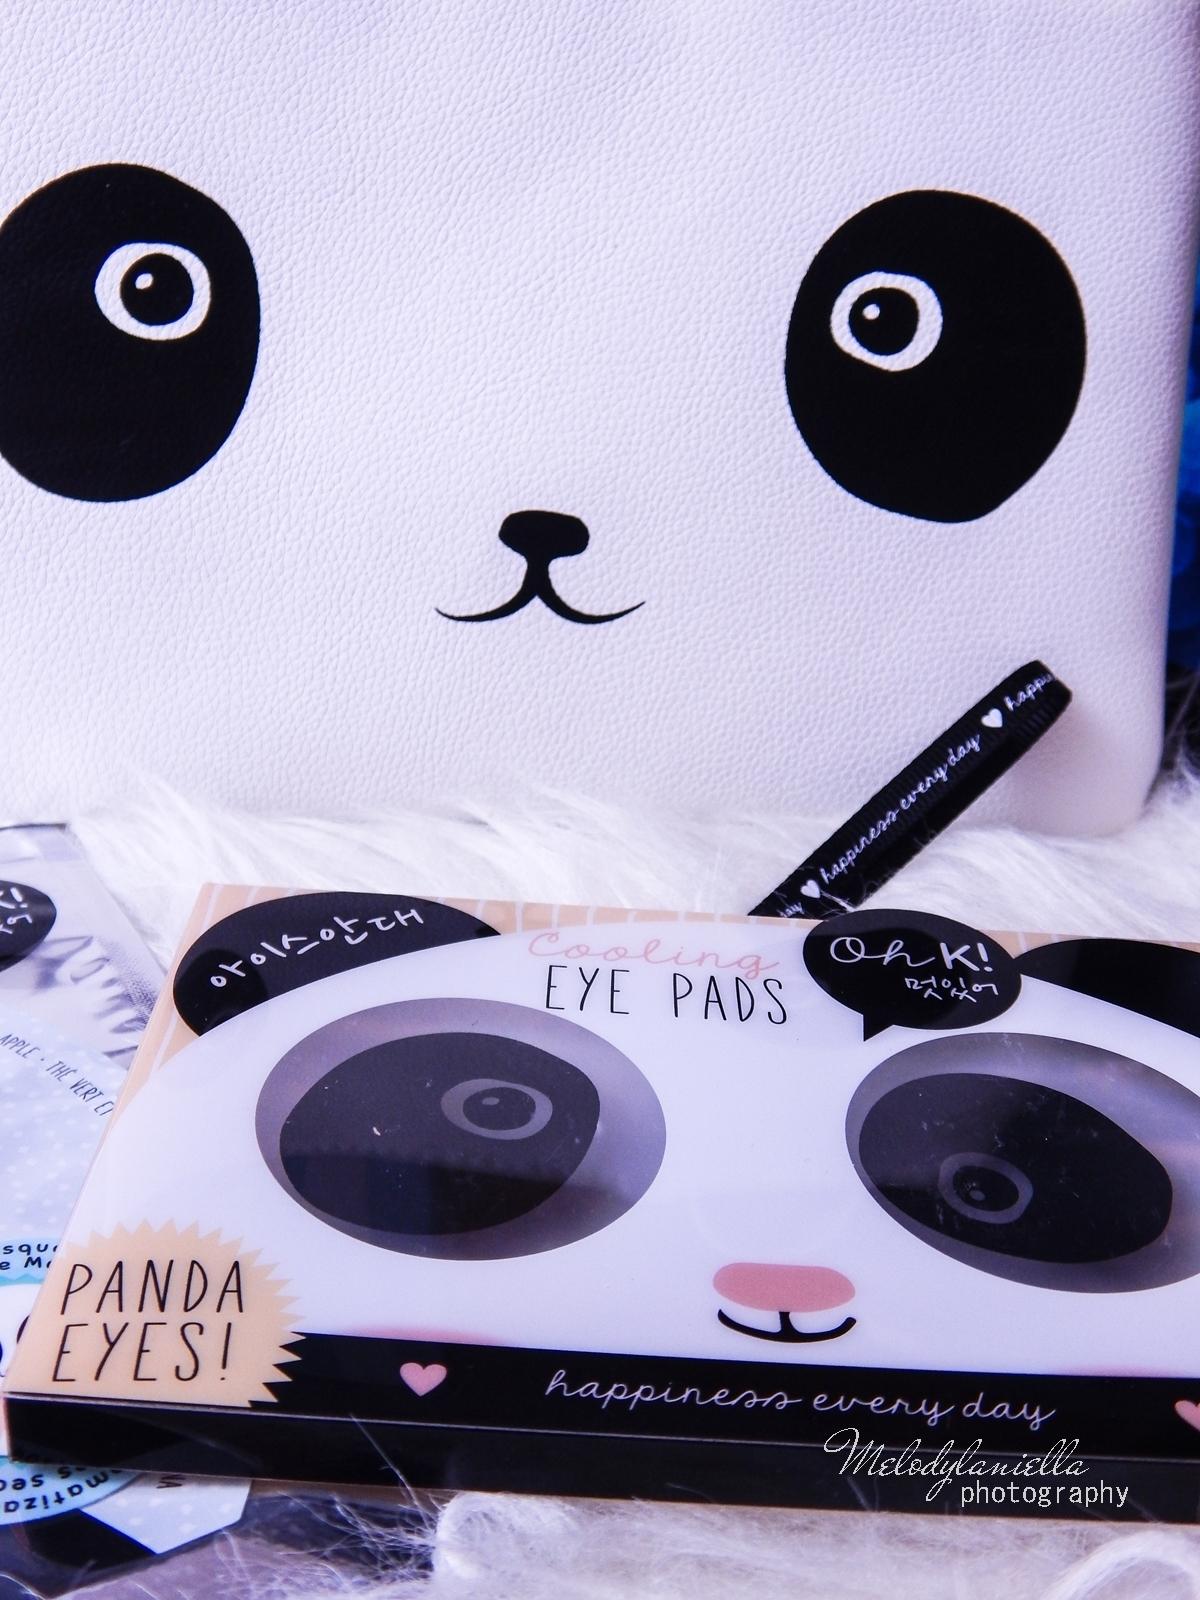 8 Oh! K Life koreańskie kosmetyki i gadżety słodkie dziewczęce dodatki maska do twarzy panda kosmetyczka w kształcie pandy lodowe płatki chłodzące okłady na oczy przeciw sińcom jak pozbyć się sińców pod oczami